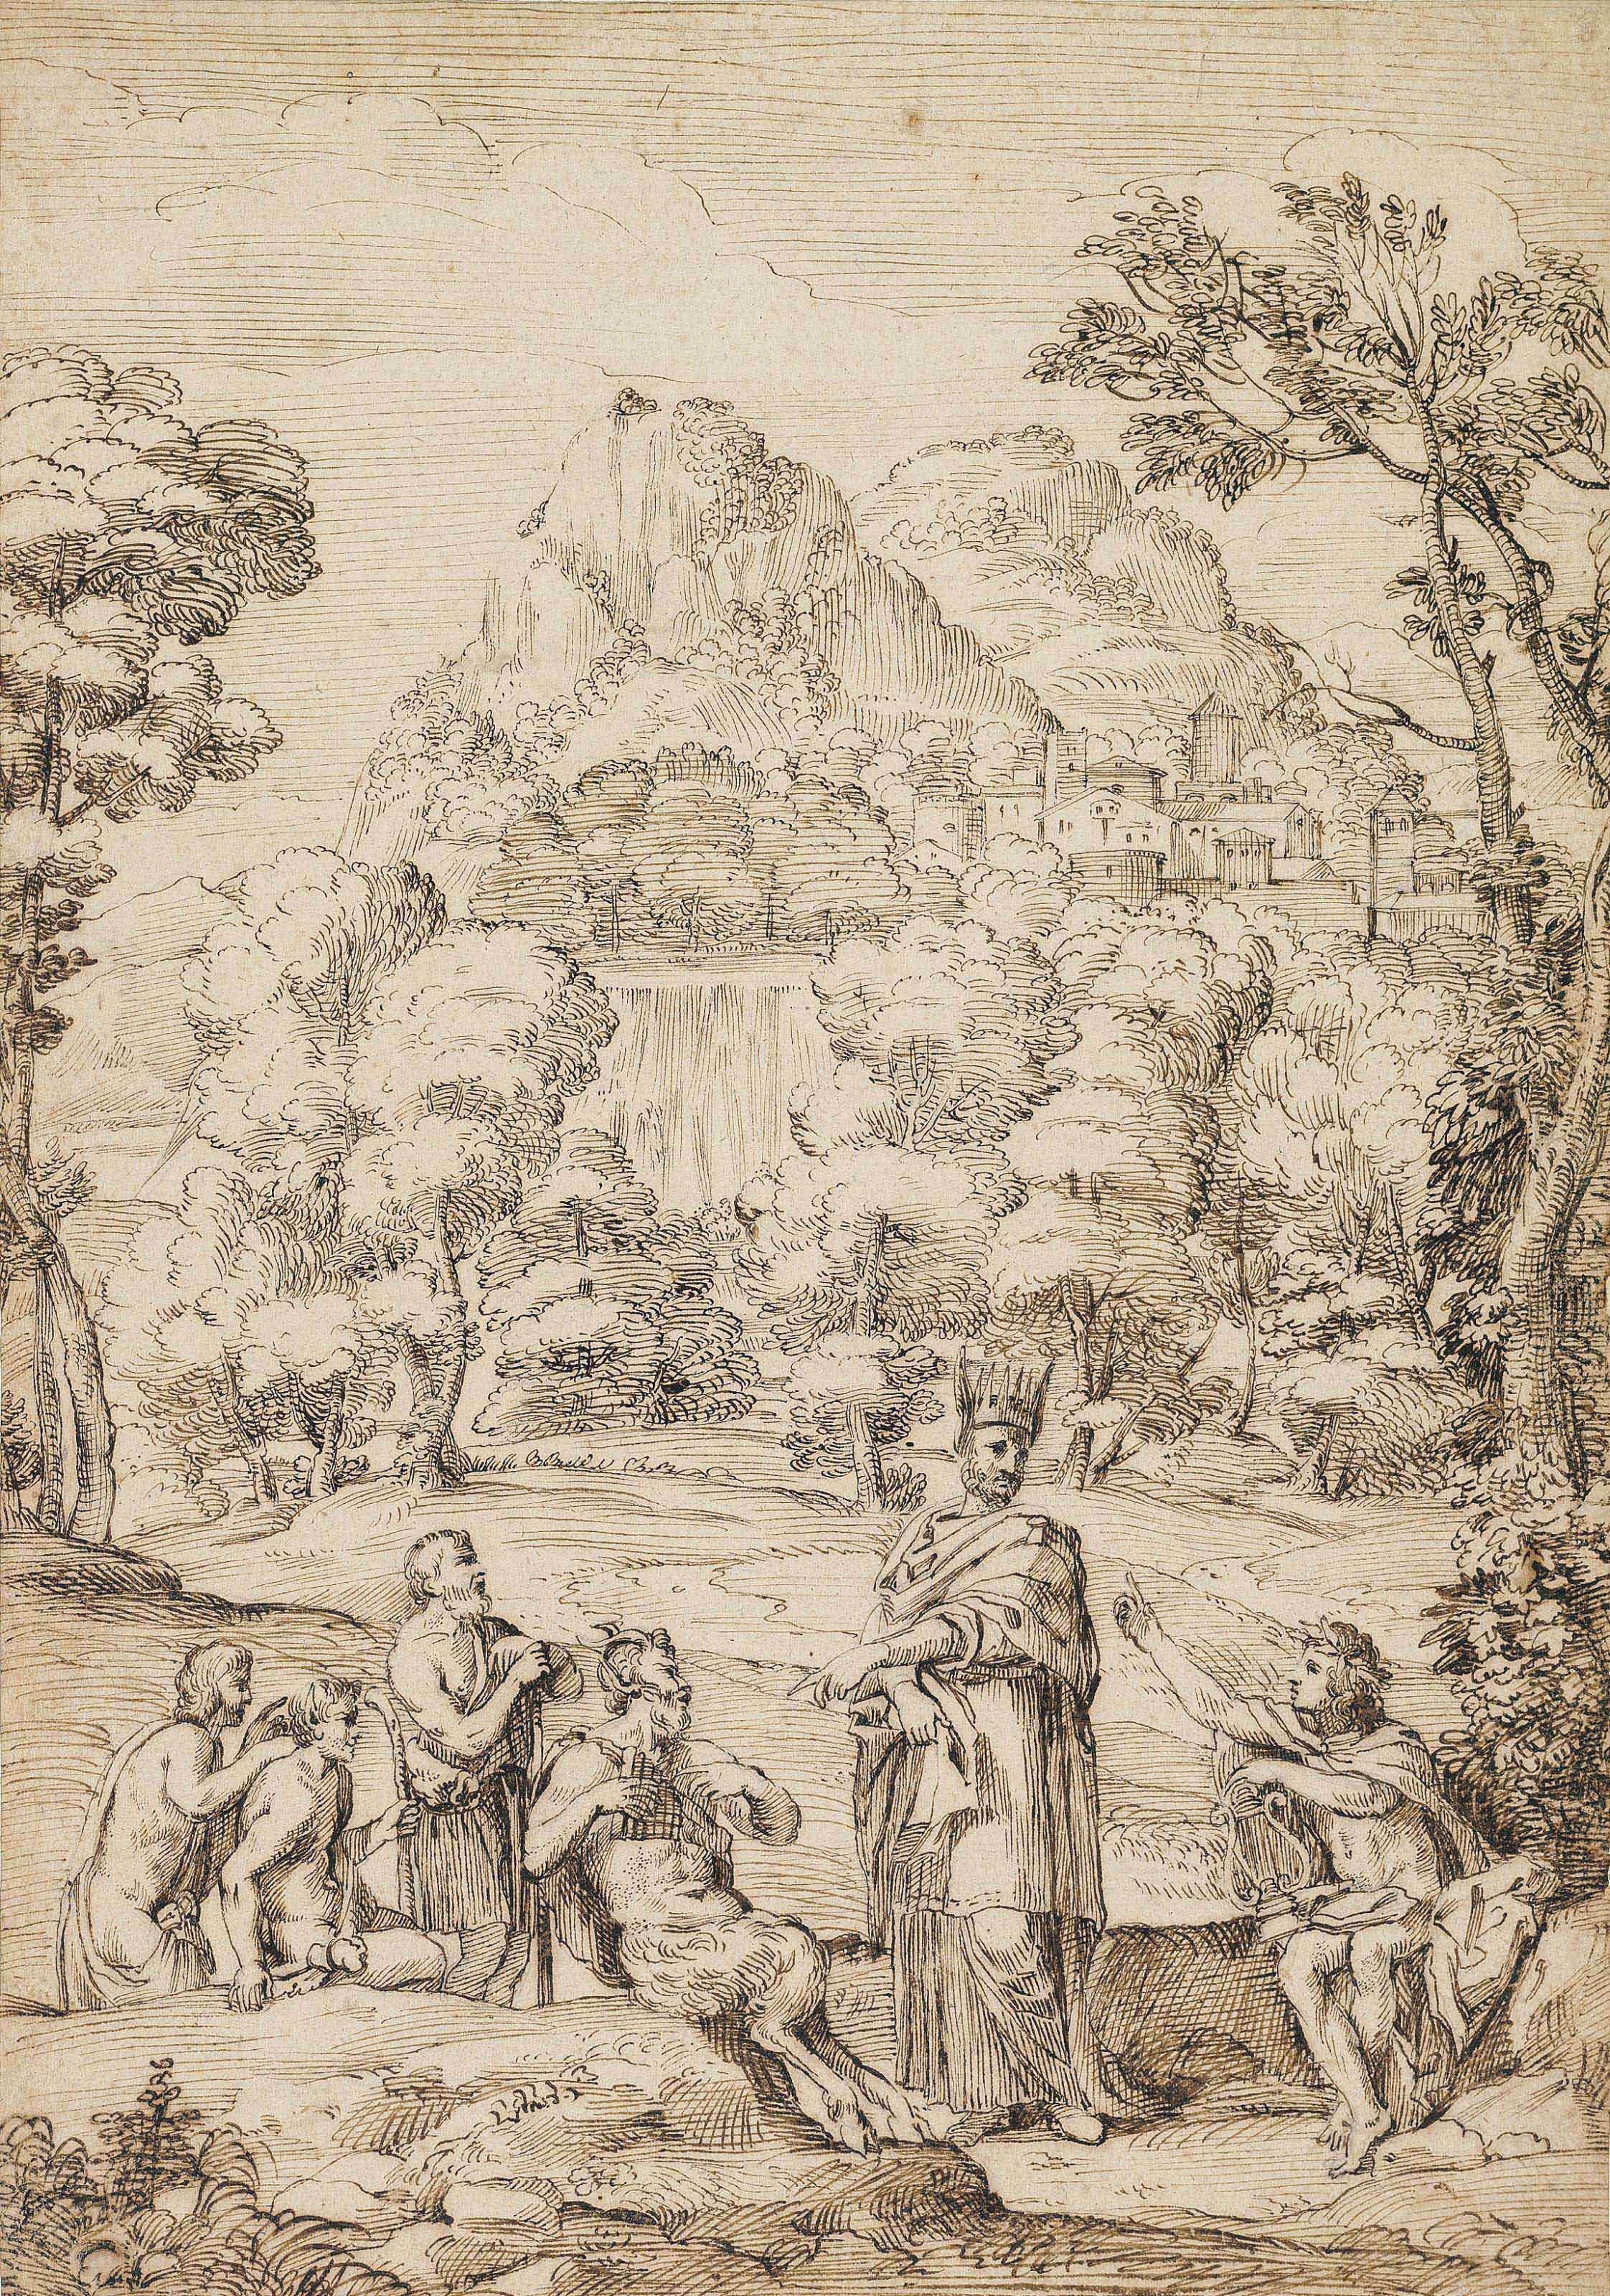 Giovanni Francesco Grimaldi (Bologna 1606-1680 Rome)